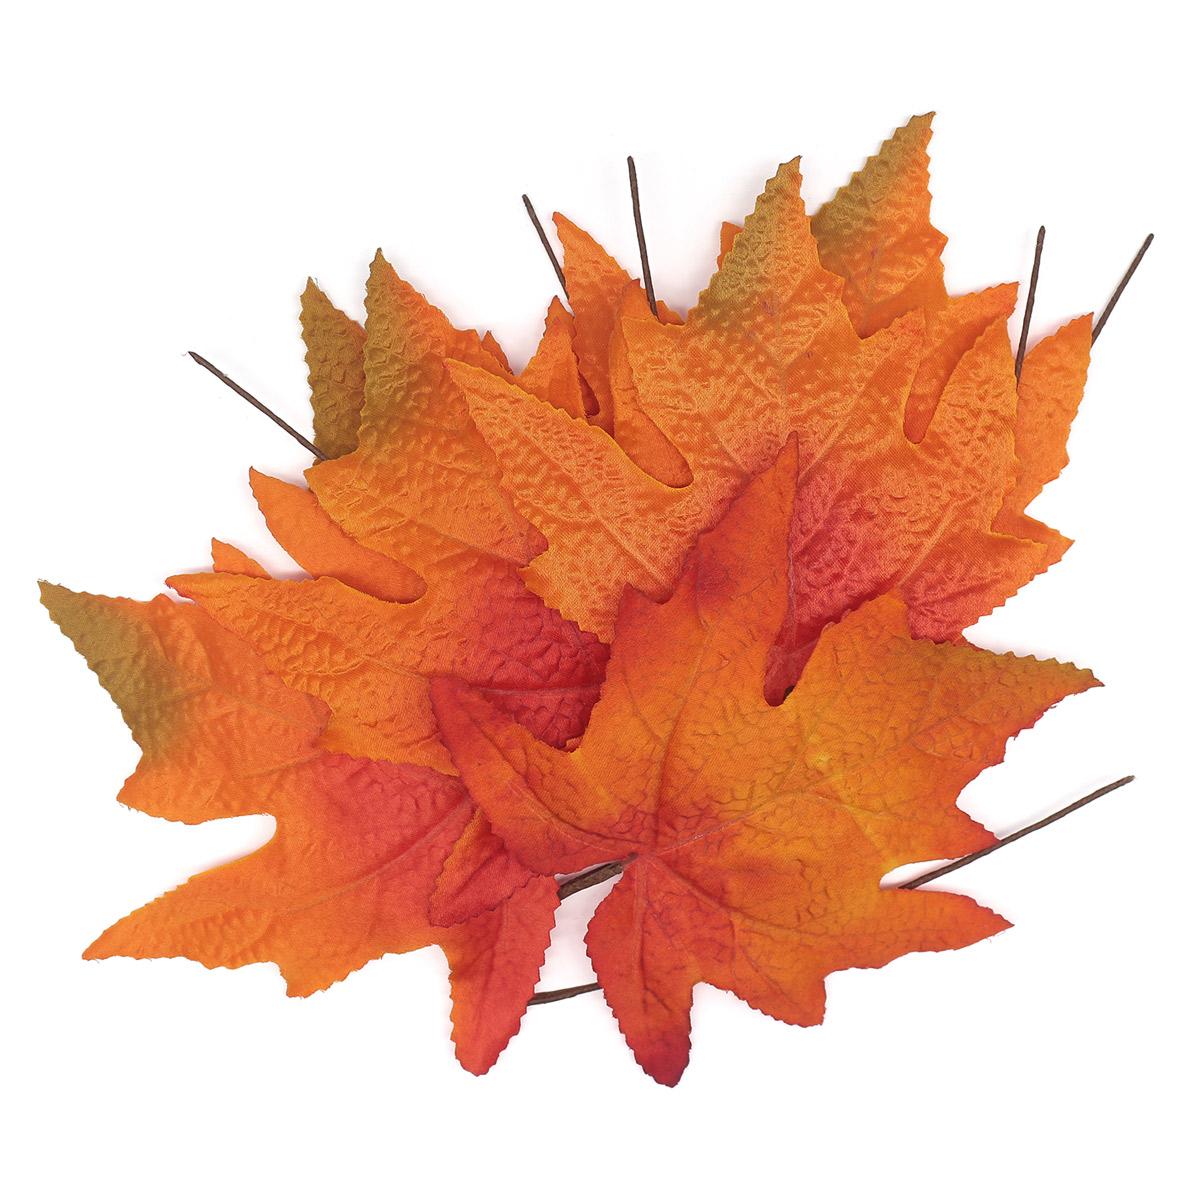 XY19 1140 Кленовые листья, 6шт (4 Оранжевые)